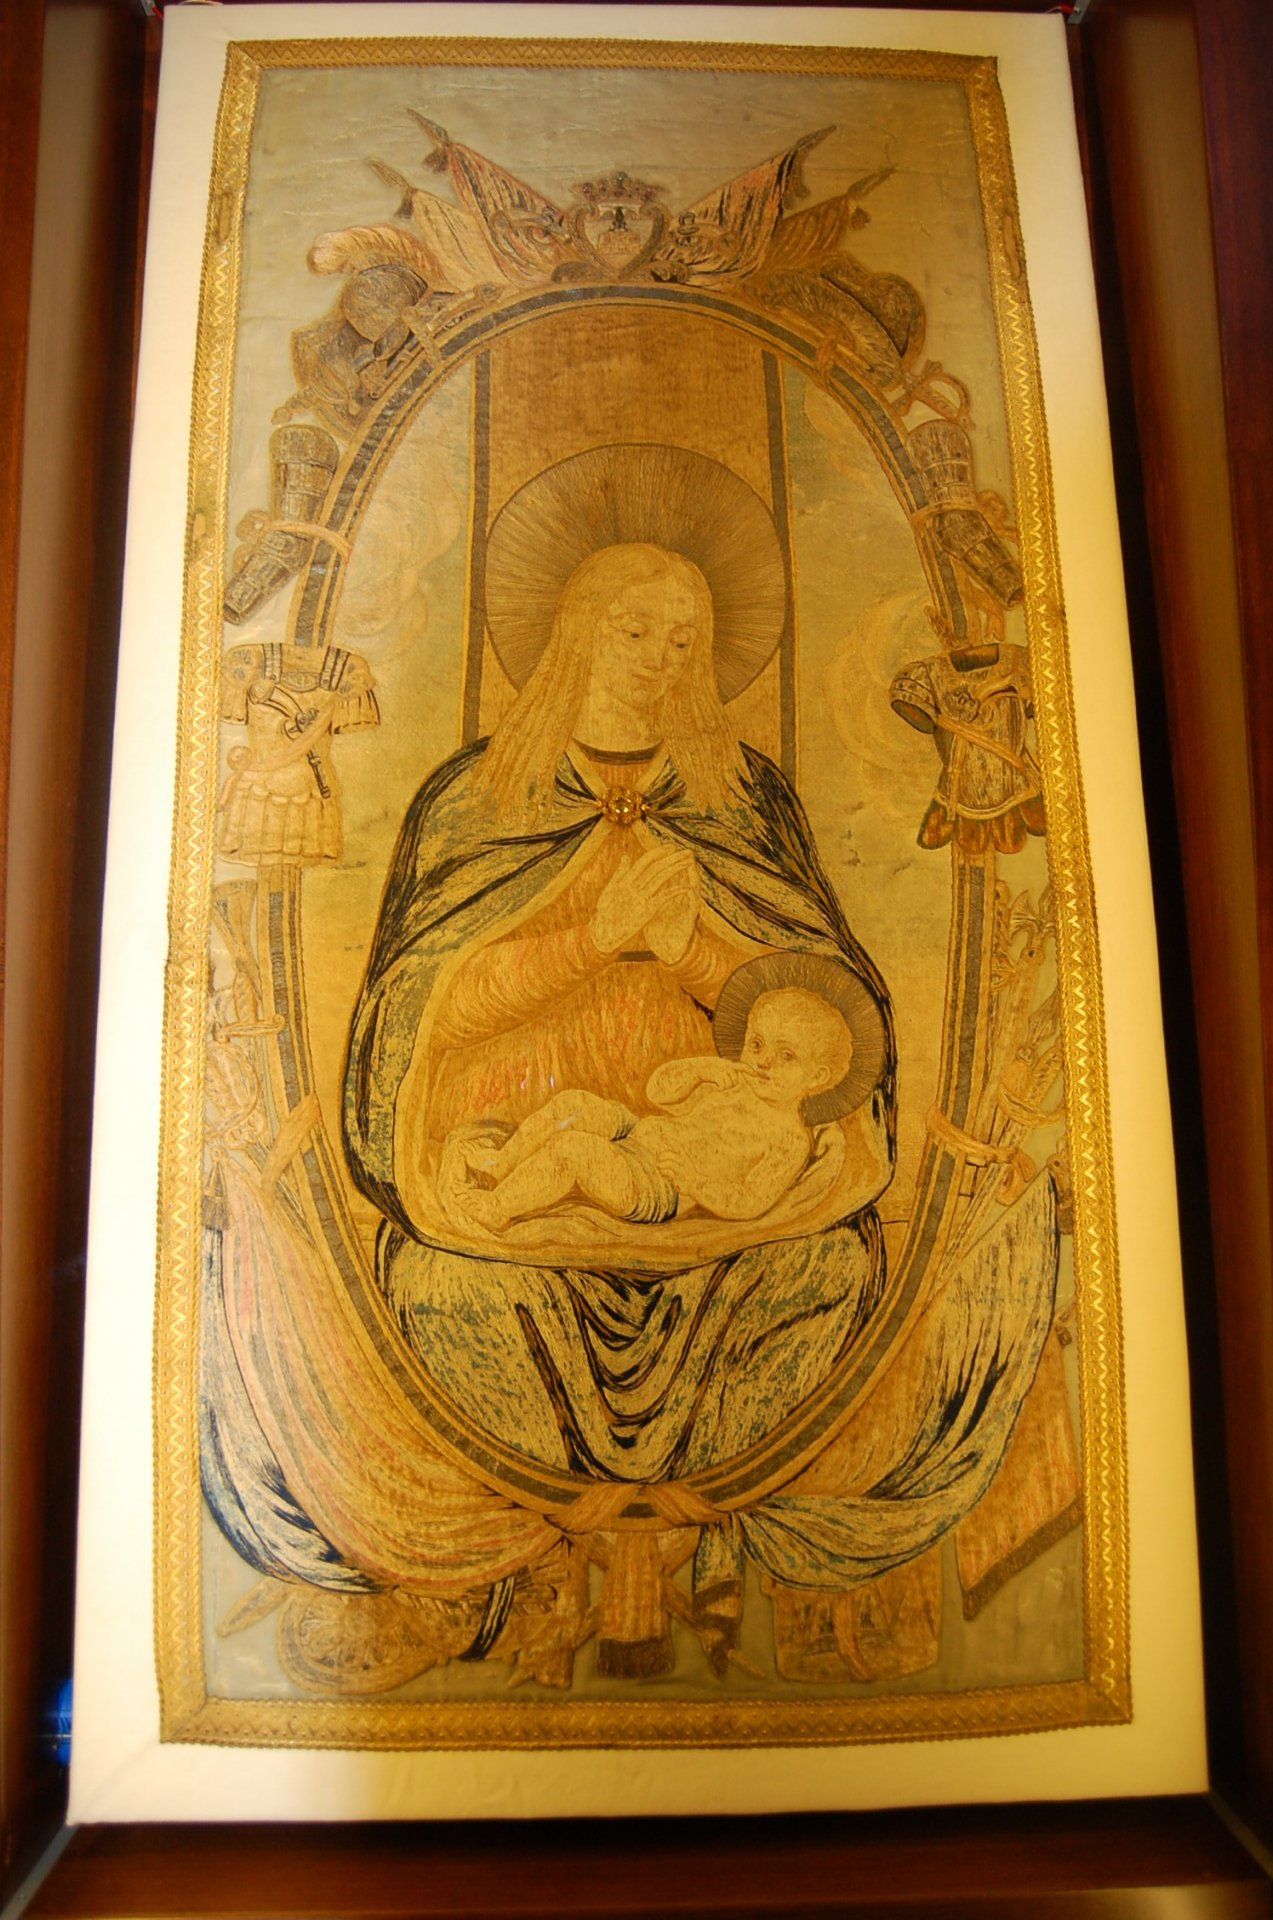 Velo Madonna delle Lacrime